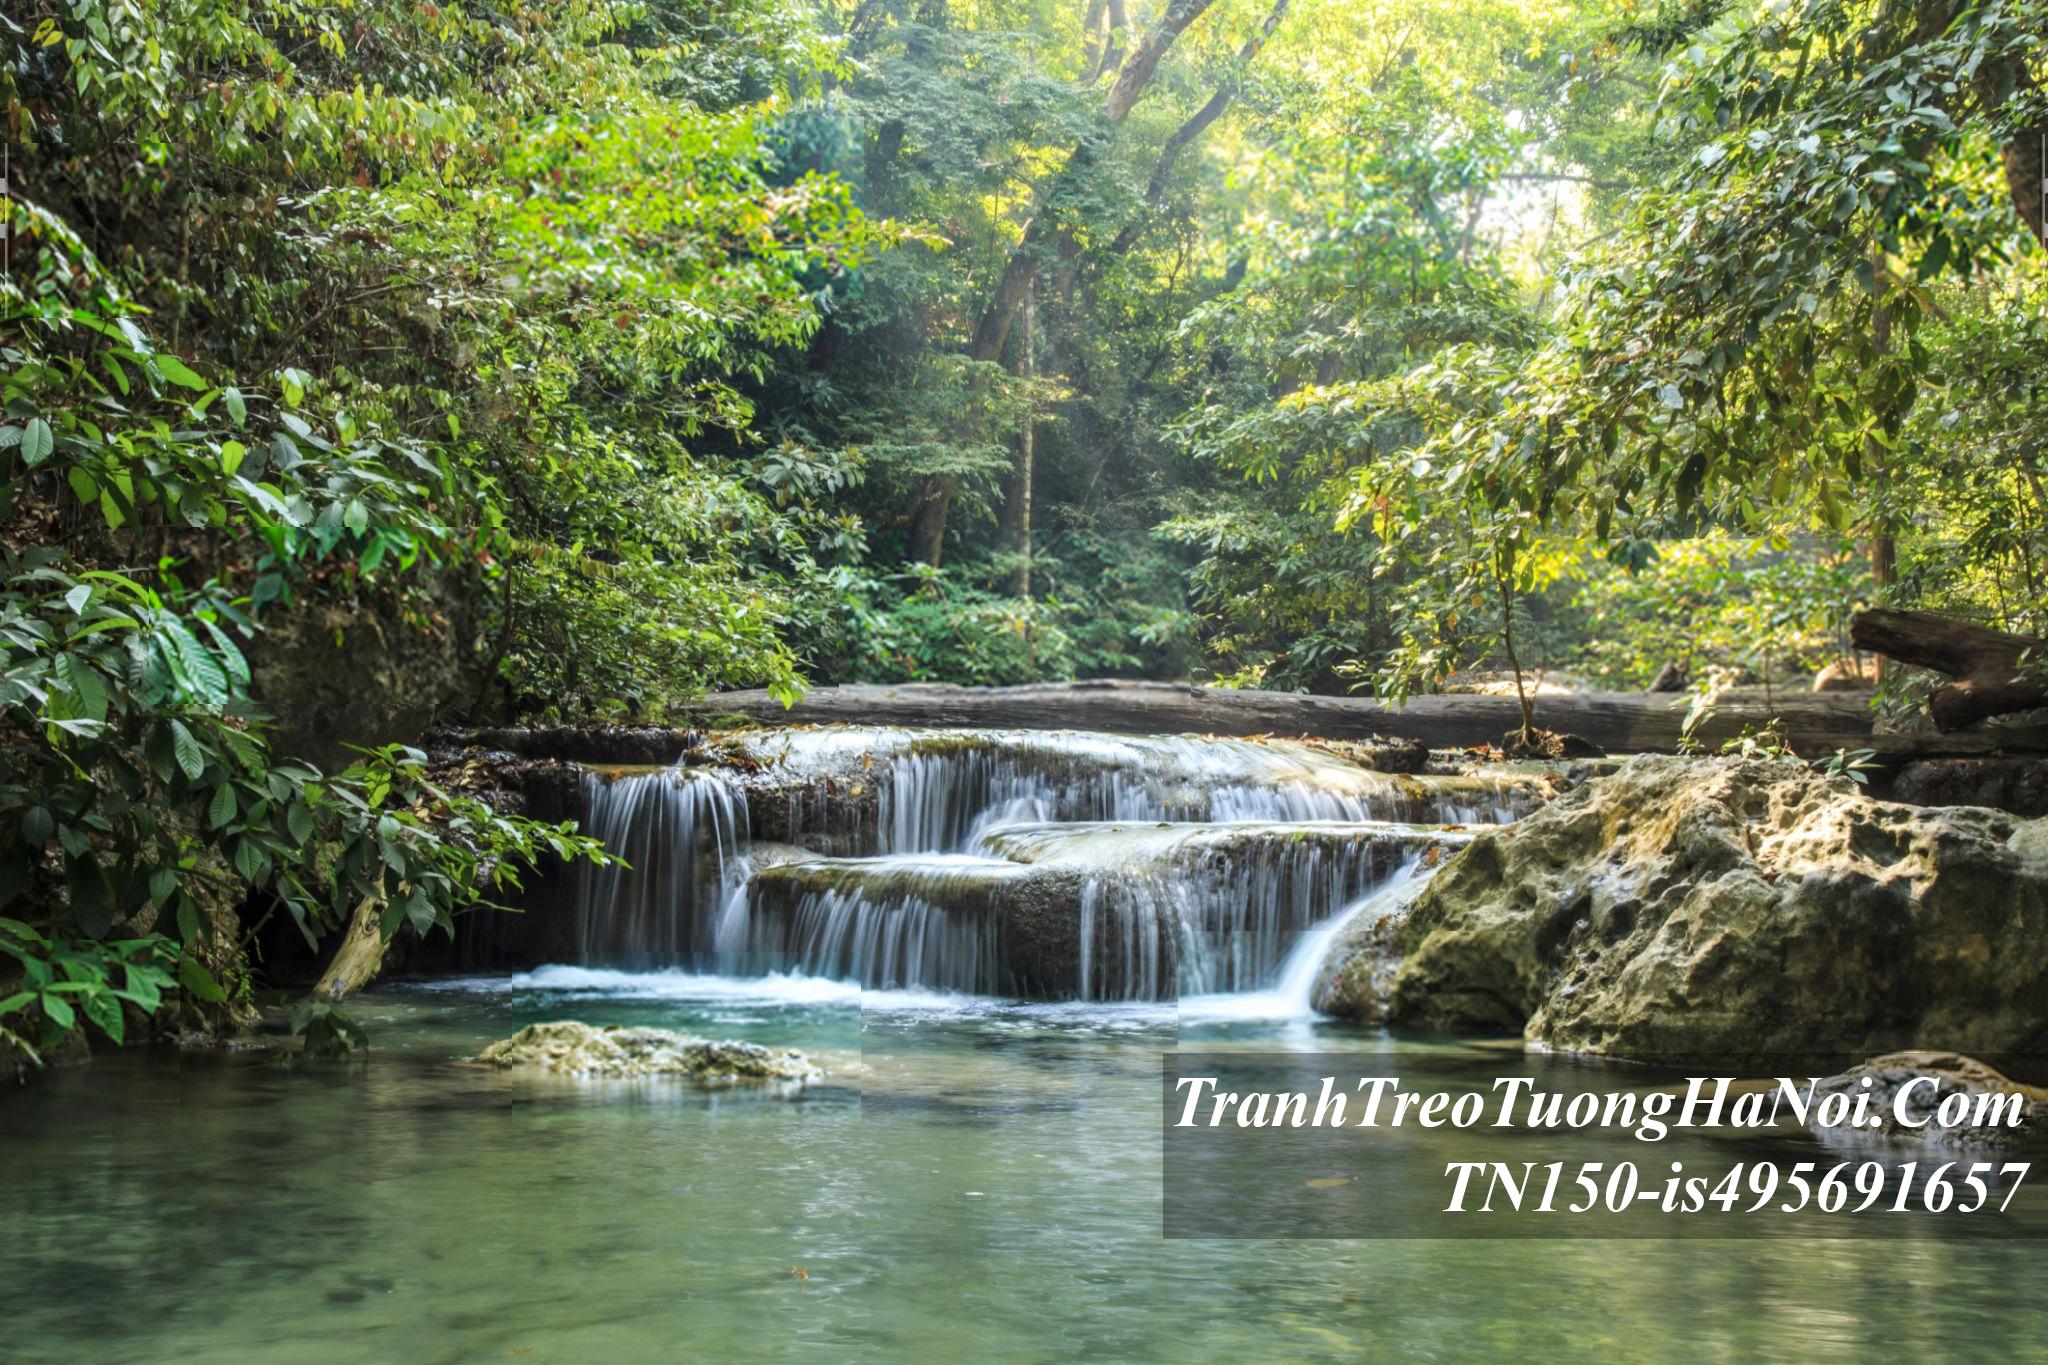 Thac nuoc dep o Erawan Thai Lan TN150-is495691657